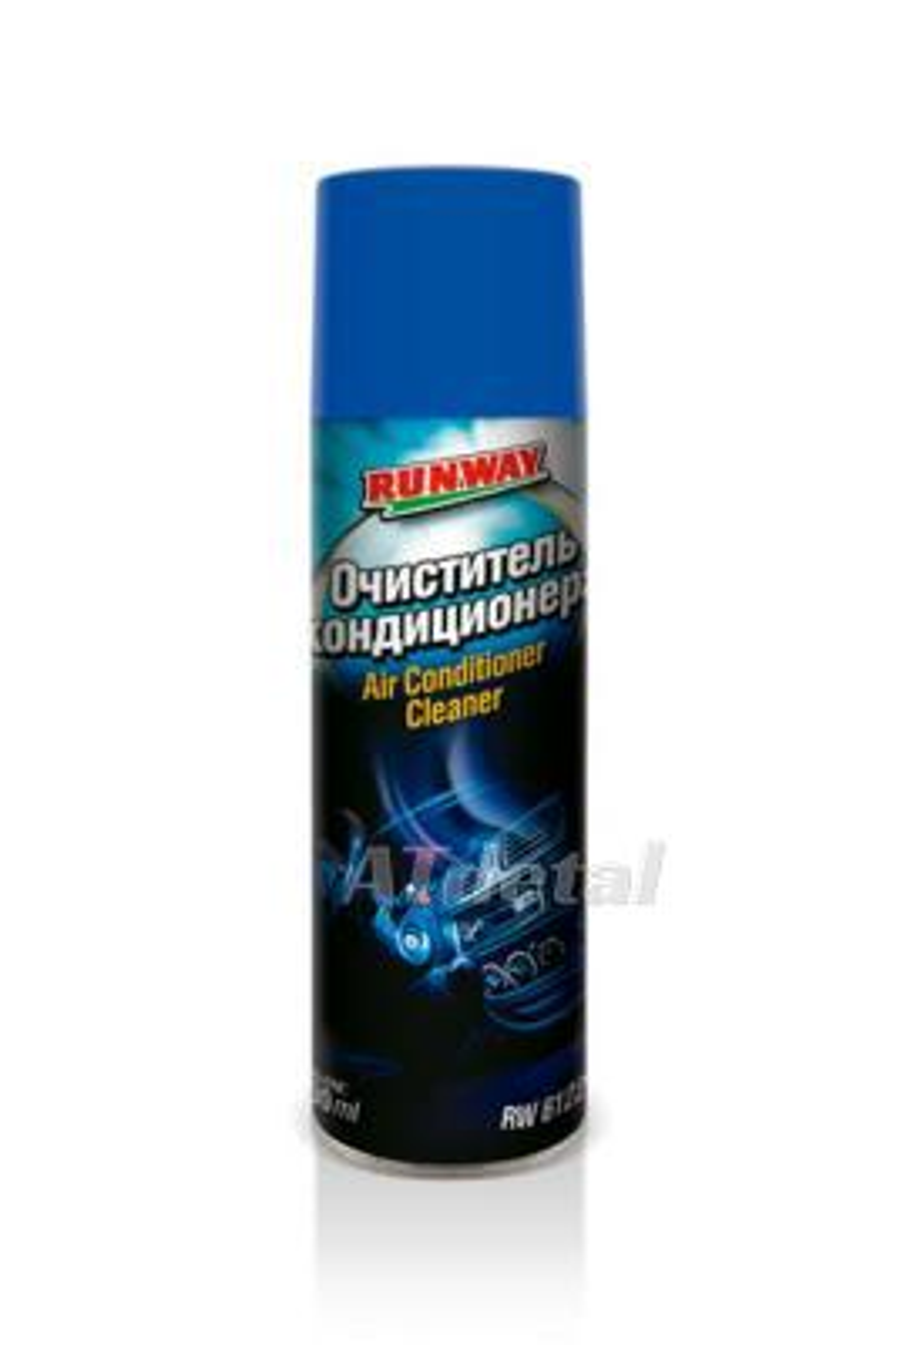 Очиститель кондиционера  300мл аэрозоль